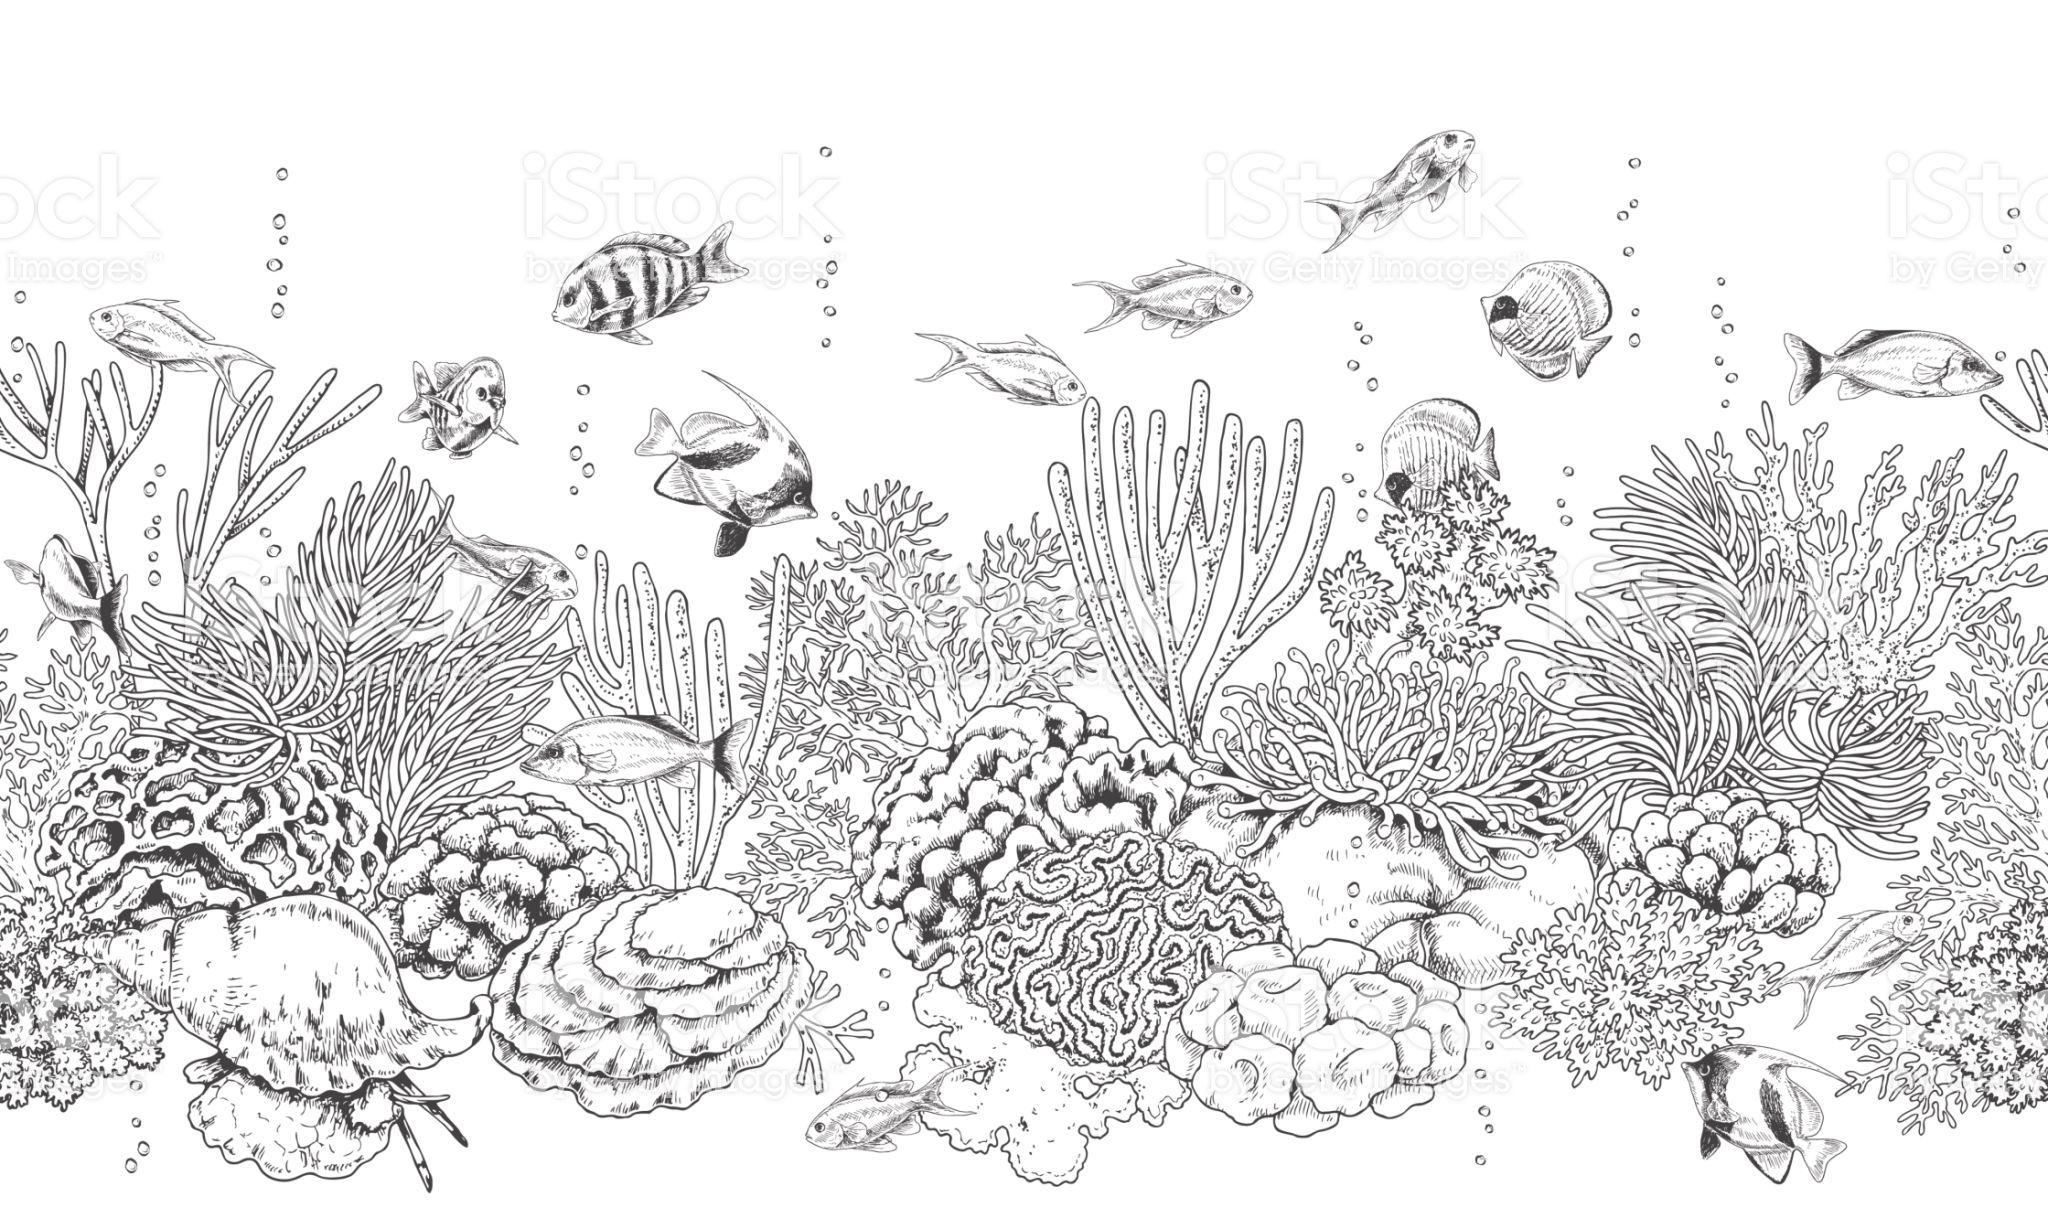 malvorlage unterwasserwelt korallenriff  malvorlagen